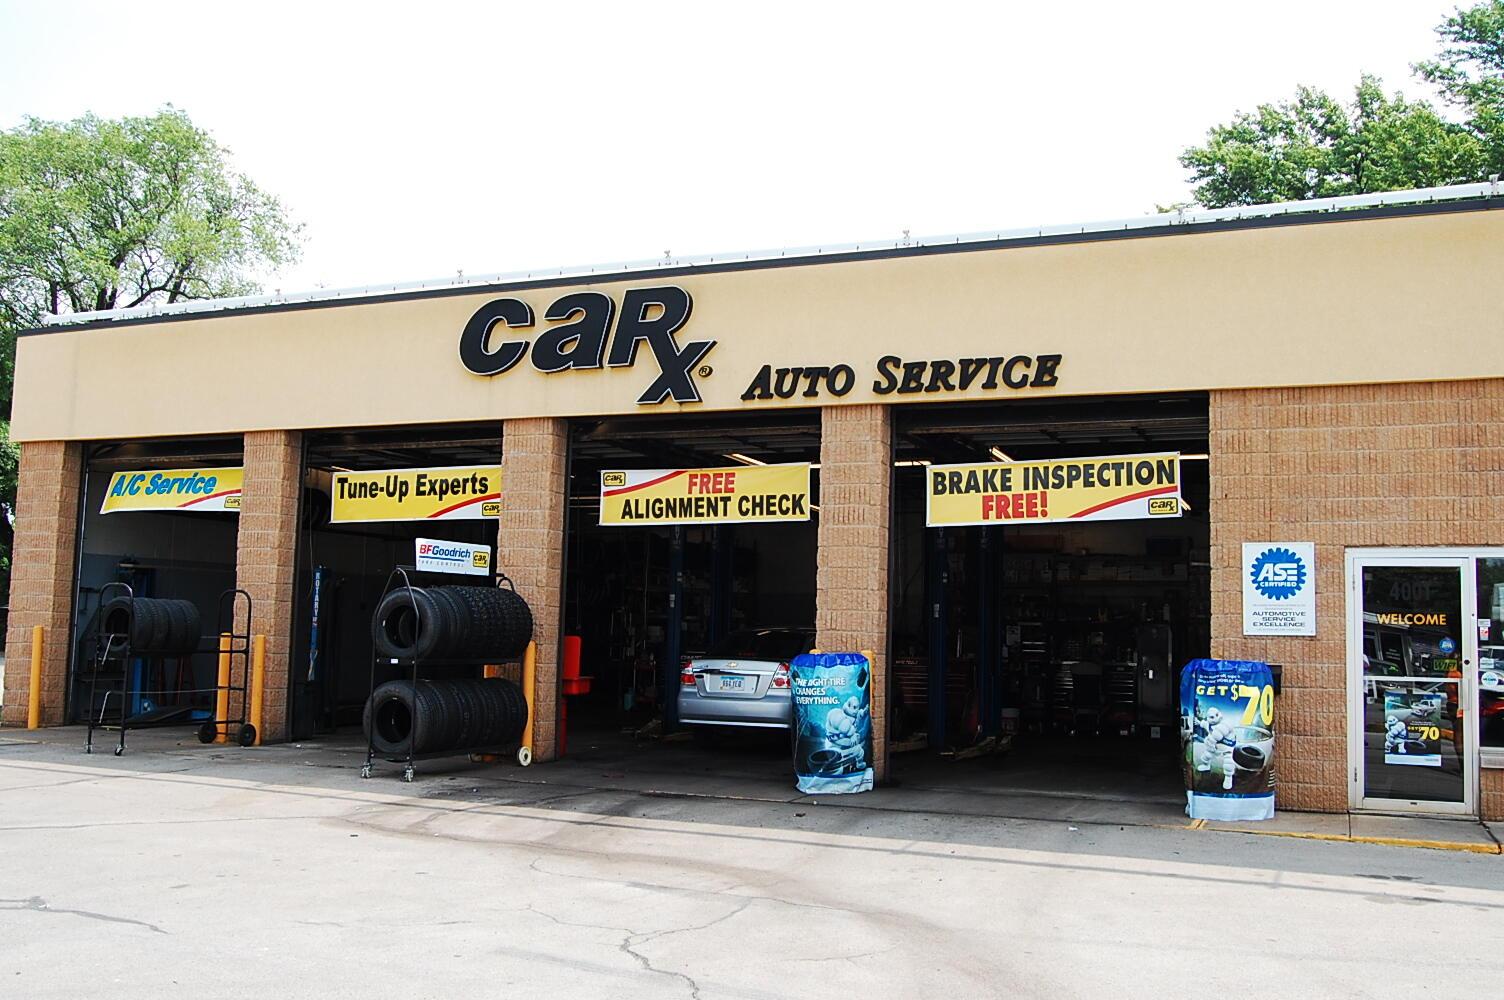 Auto Repair Des Moines IA, Brakes Des Moines IA, Oil Change Des Moines IA, Tires Des Moines IA